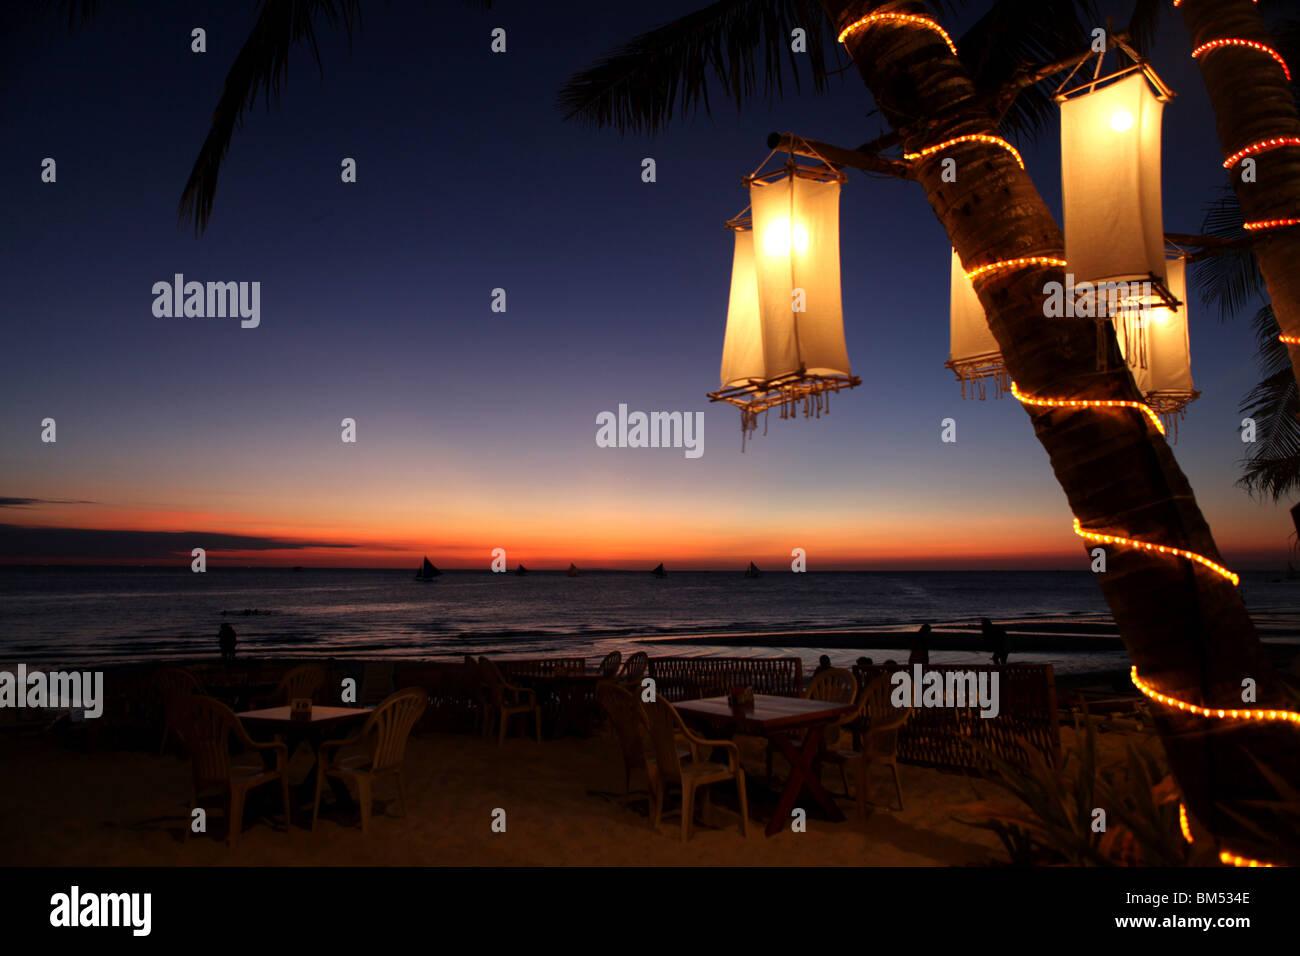 Sonnenuntergang am White Beach, Boracay, das wohl bekannteste Reiseziel auf den Philippinen. Stockbild